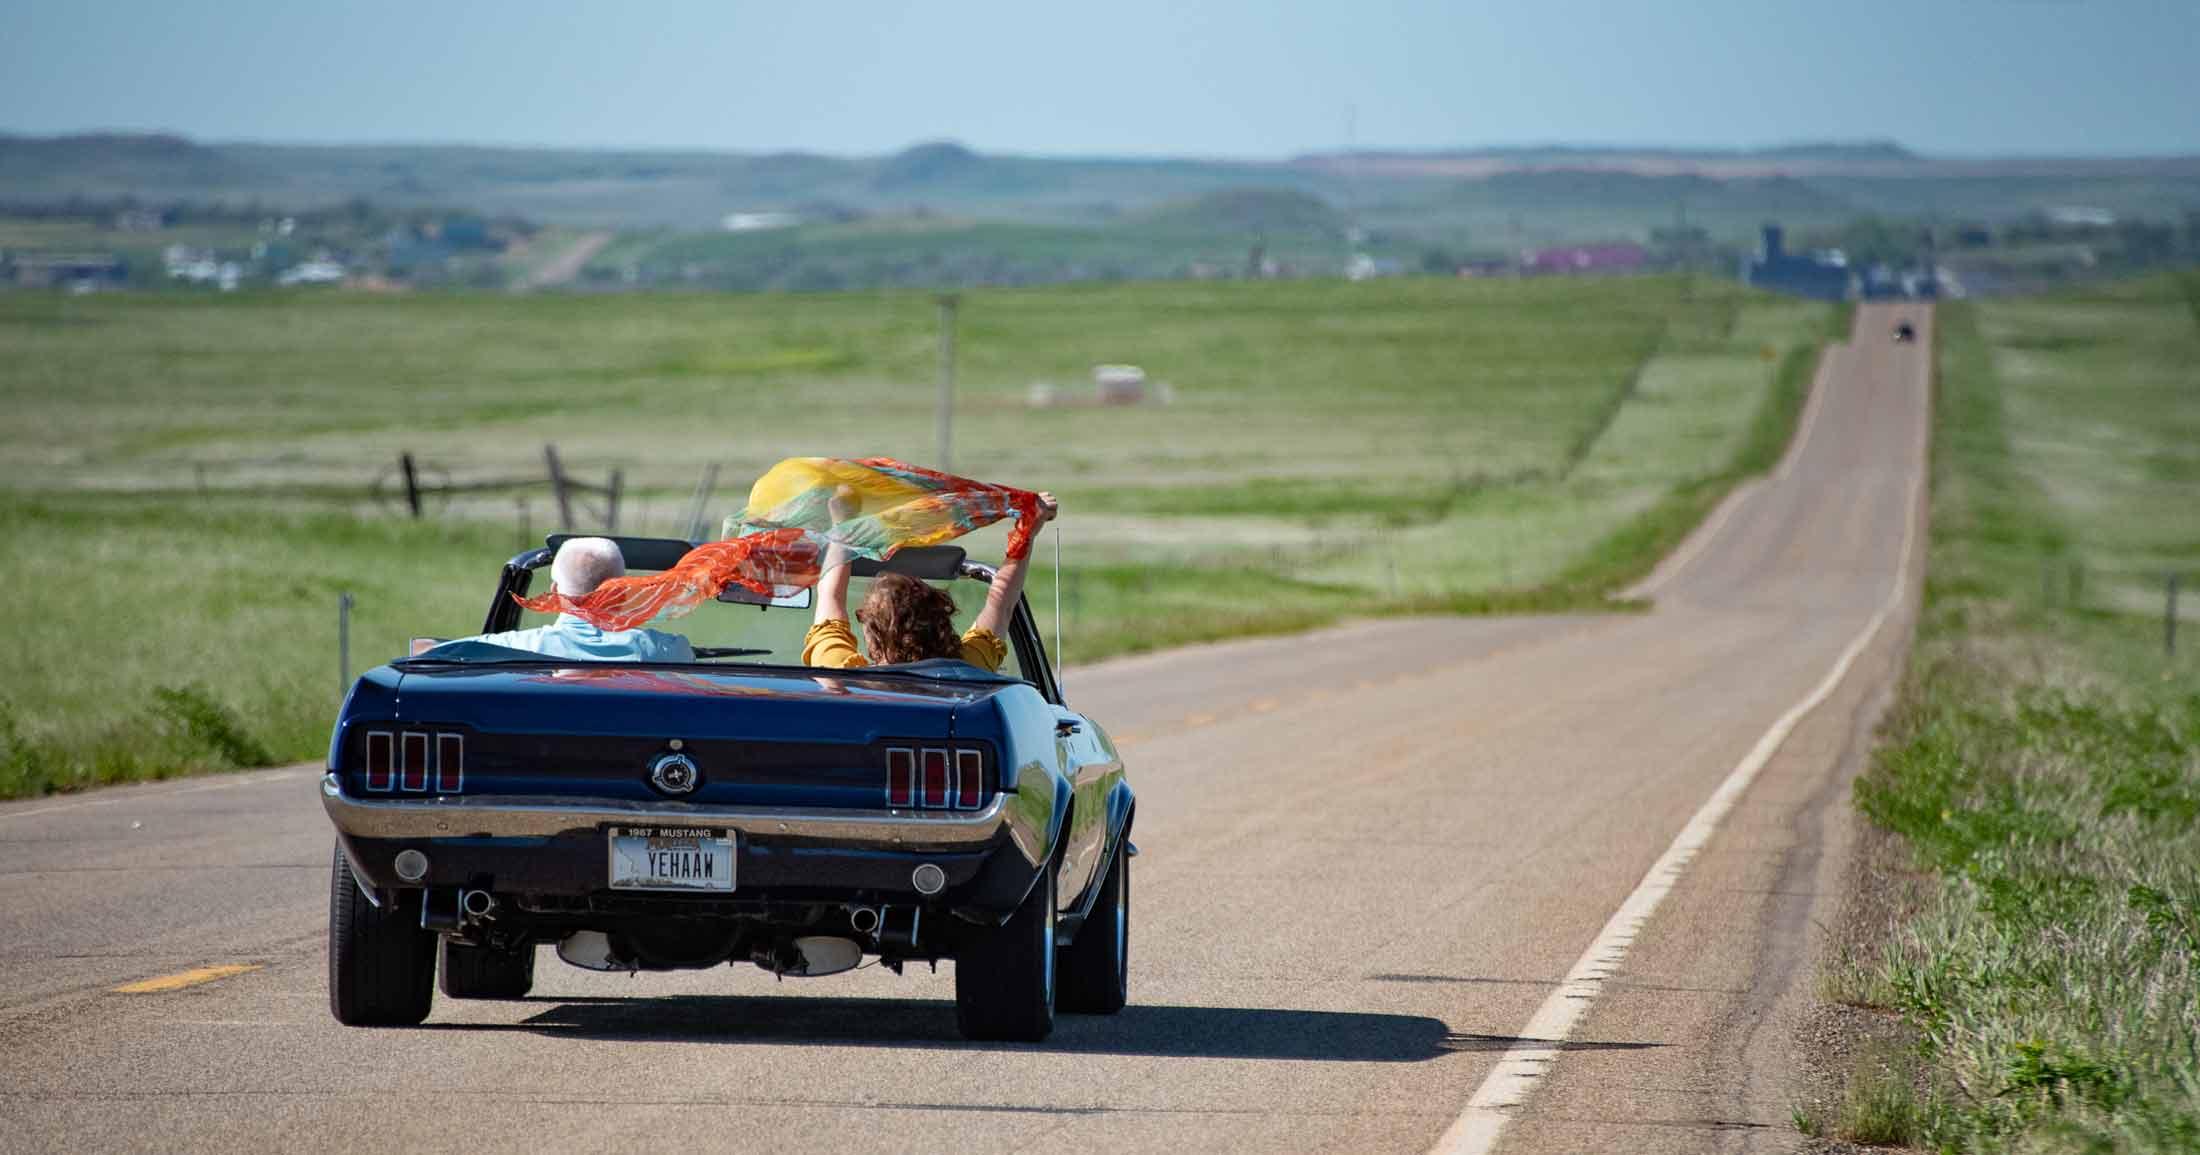 Plan Your Next Southeast Montana Road Trip